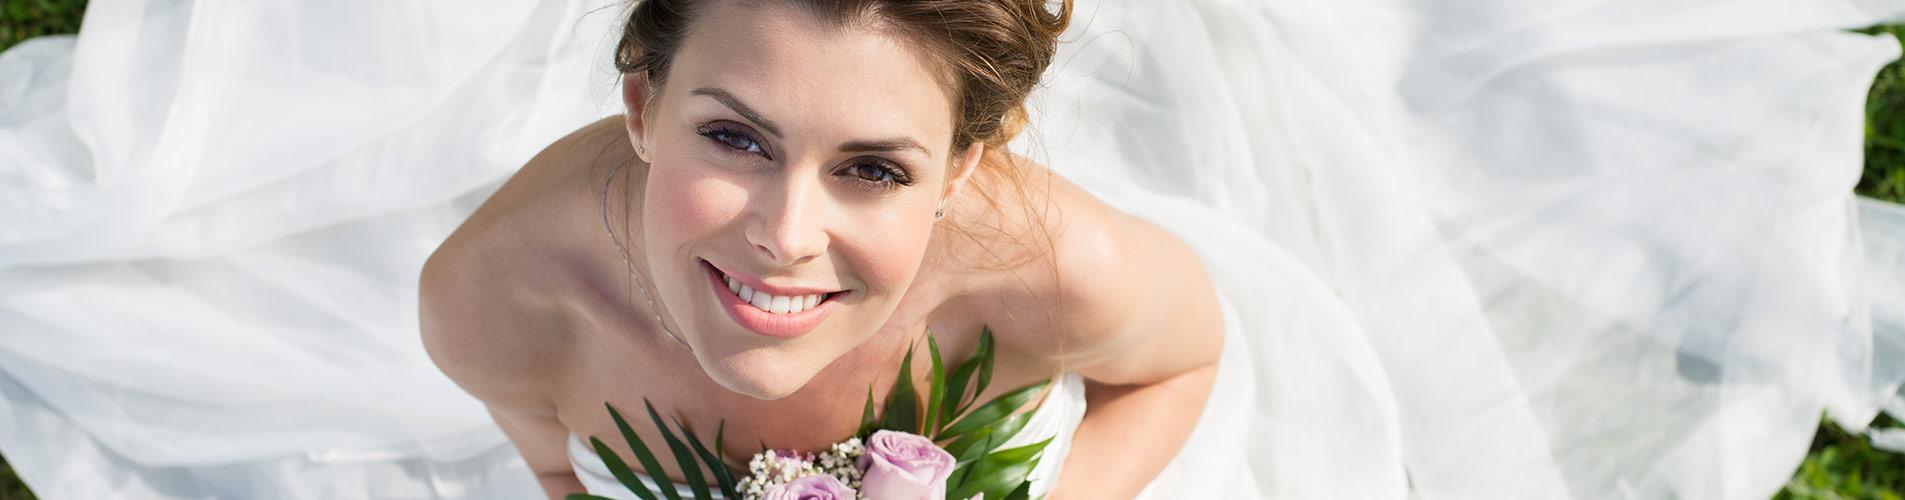 bruidskapsel_knipperij_katwijk